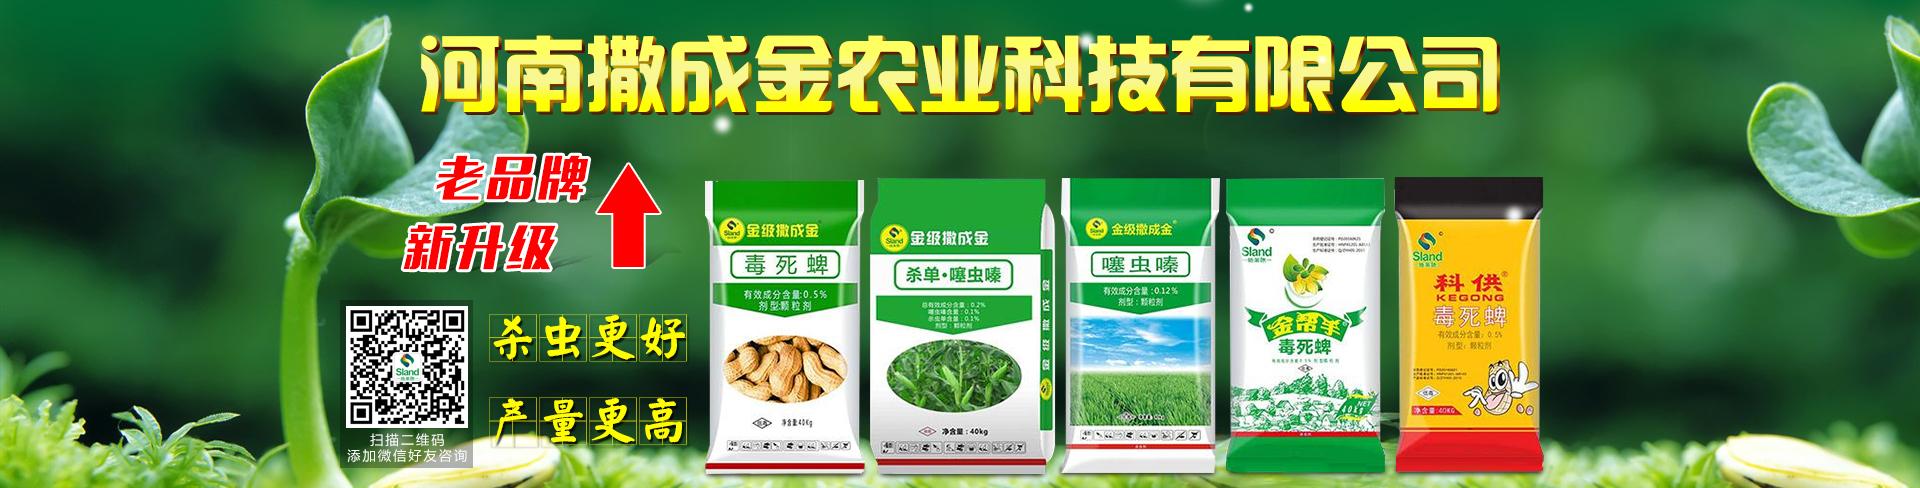 河南撒成金农业科技有限公司